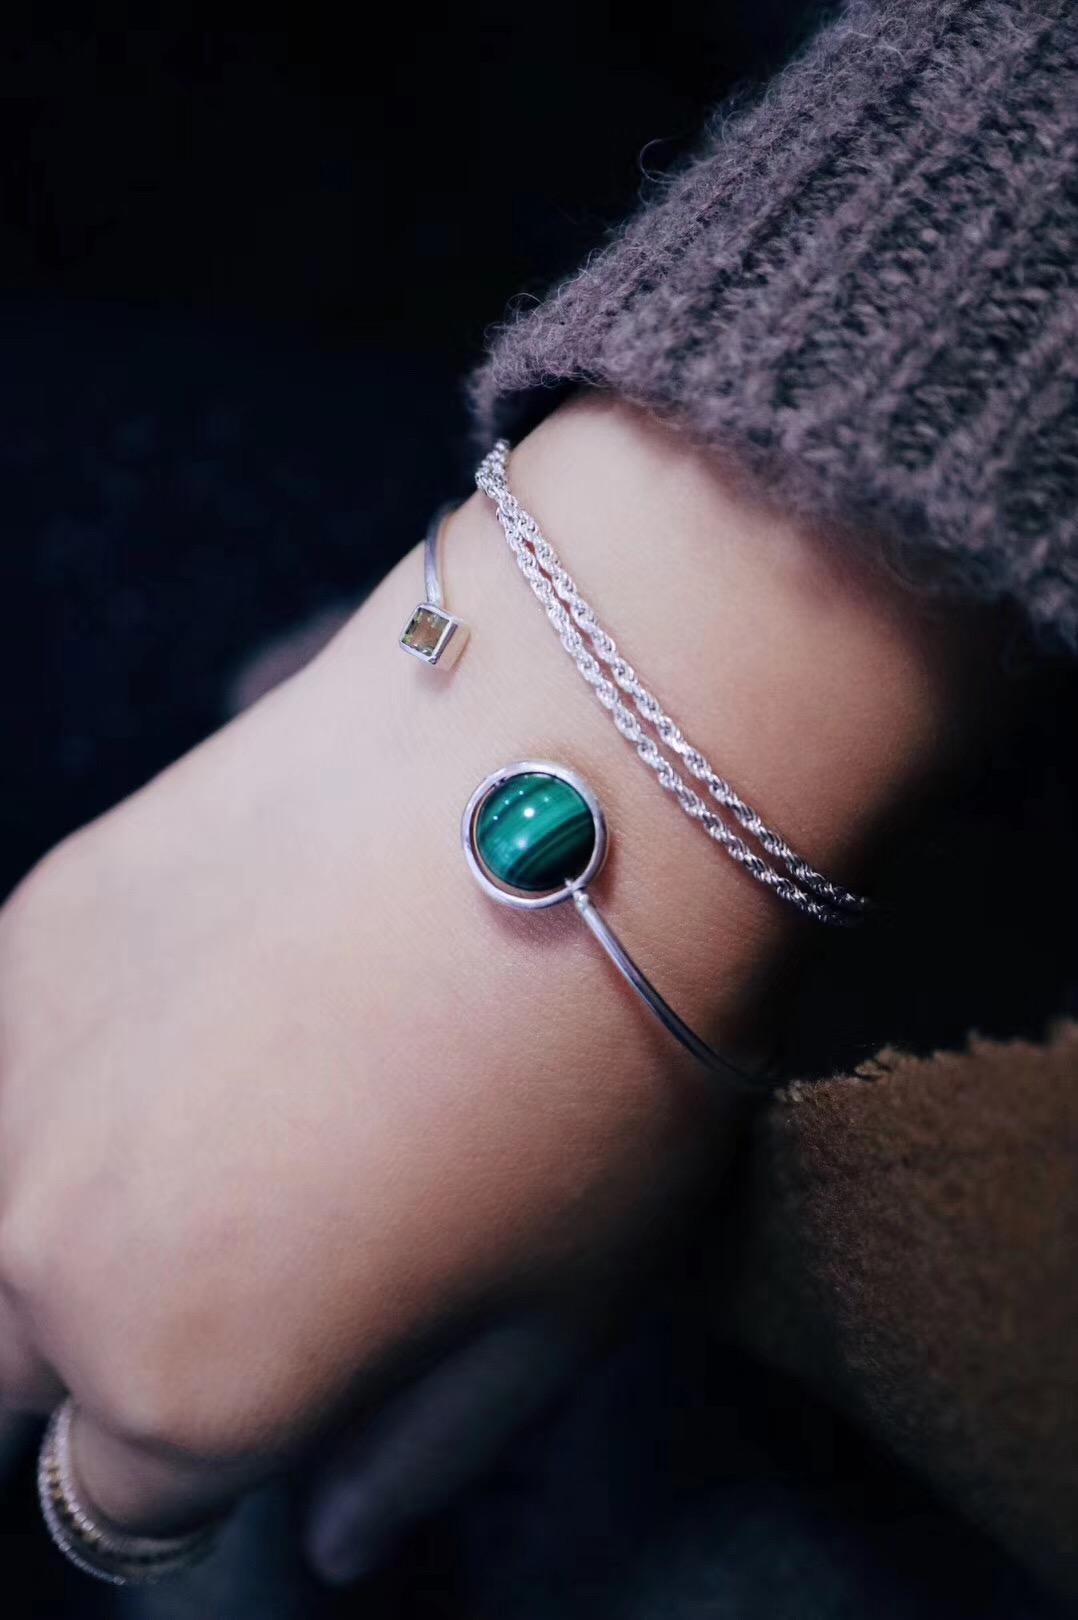 【菩心-孔雀石手环】木星是射手座的守护星,属于占星中的第一大吉星-菩心晶舍